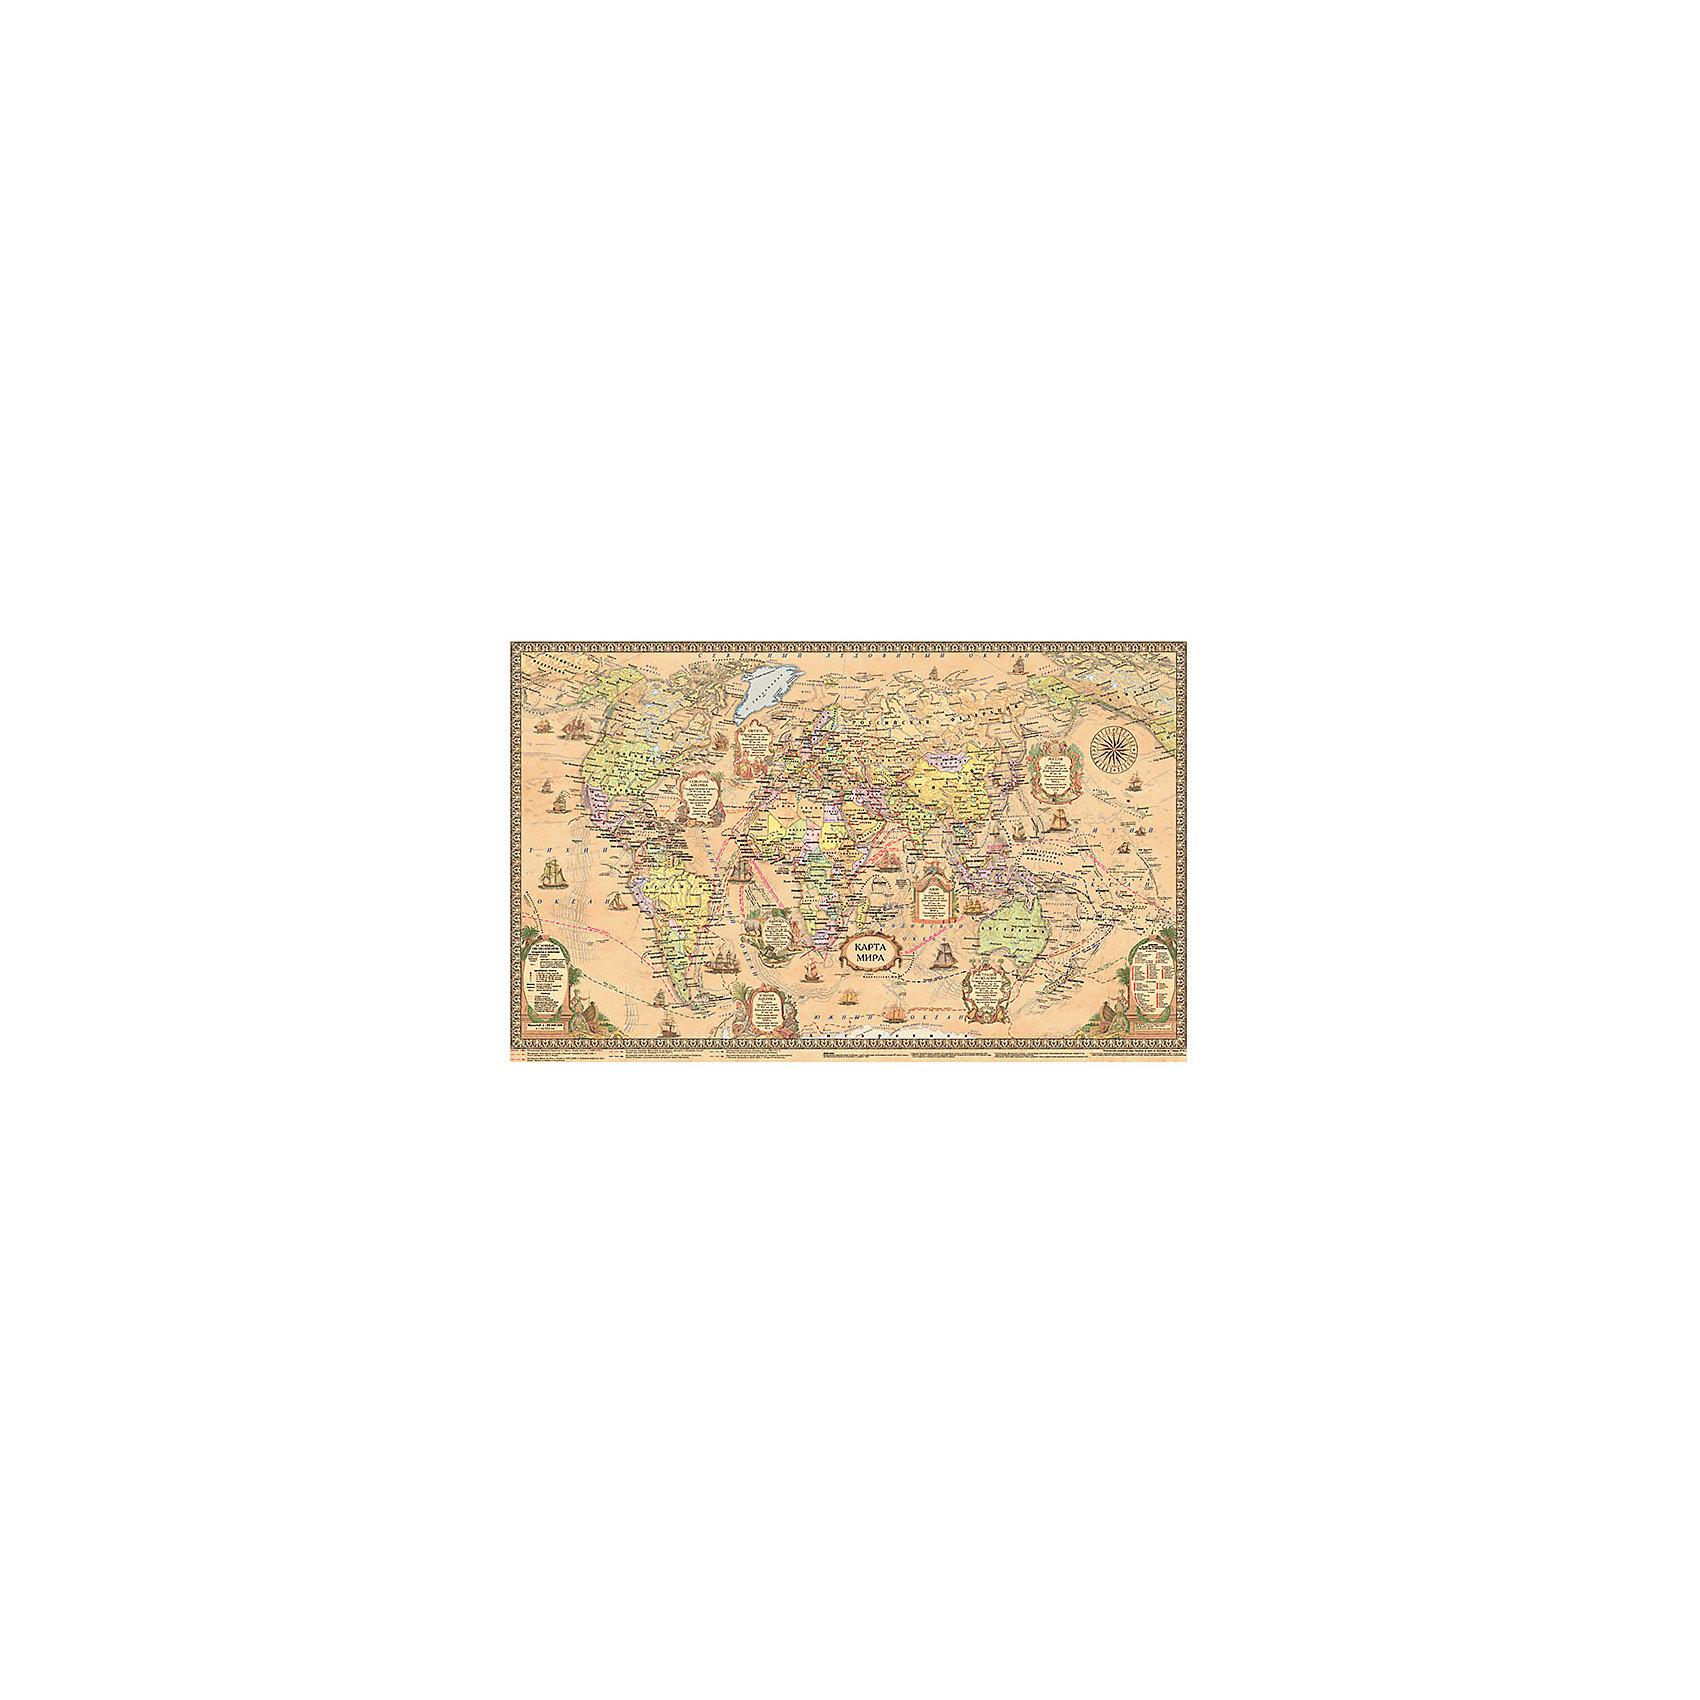 Настольная политическая карта Ретро, масштаб 1:55Современная политическая карта мира изображена на фоне цвета старинного пергамента, что придает ей ретро стиль. Все остальные элементы изображены в соответствии с общепринятыми картографическими стандартами. Страны выделены цветом, отмечены столицы, крупные города, водоемы, морские порты. На оборотной стороне карты размещена биография   великих путешественников  и открывателей.<br><br>Дополнительная информация:<br><br>- Материал: бумага.<br>- Размер: 54х37 см.<br>- Двусторонняя карта. <br>- Масштаб: 1:55.<br><br>Настольную политическую карту Ретро, (масштаб 1:55), можно купить в нашем магазине.<br><br>Ширина мм: 370<br>Глубина мм: 570<br>Высота мм: 370<br>Вес г: 90<br>Возраст от месяцев: 36<br>Возраст до месяцев: 2147483647<br>Пол: Унисекс<br>Возраст: Детский<br>SKU: 4093403